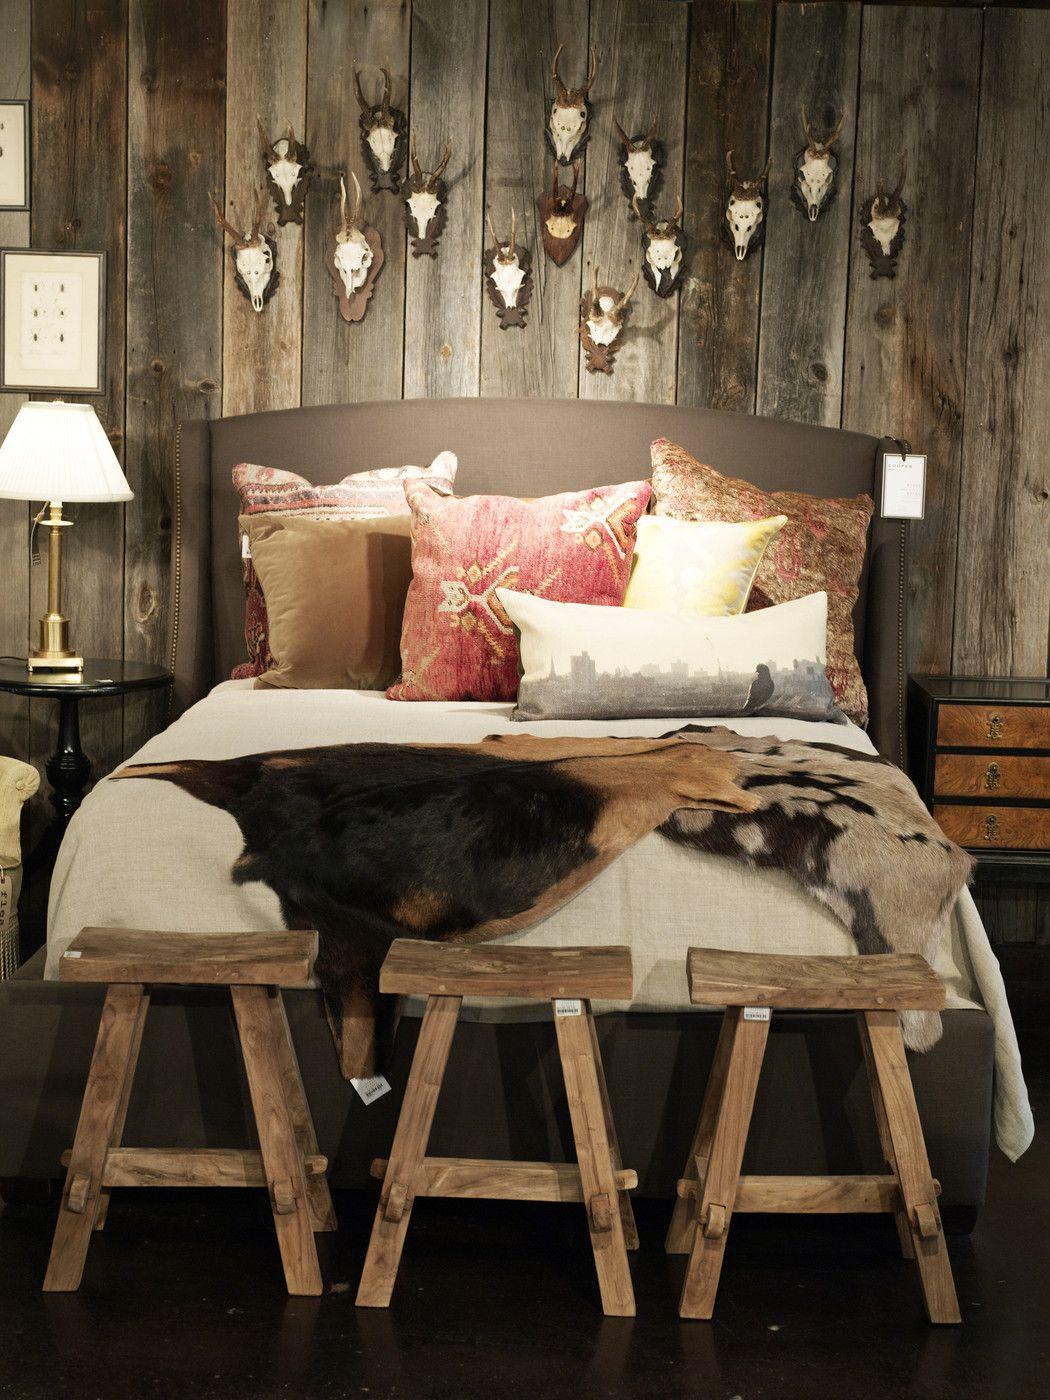 Bedroom Photos  Rustic bedroom design, Rustic bedroom, Rustic